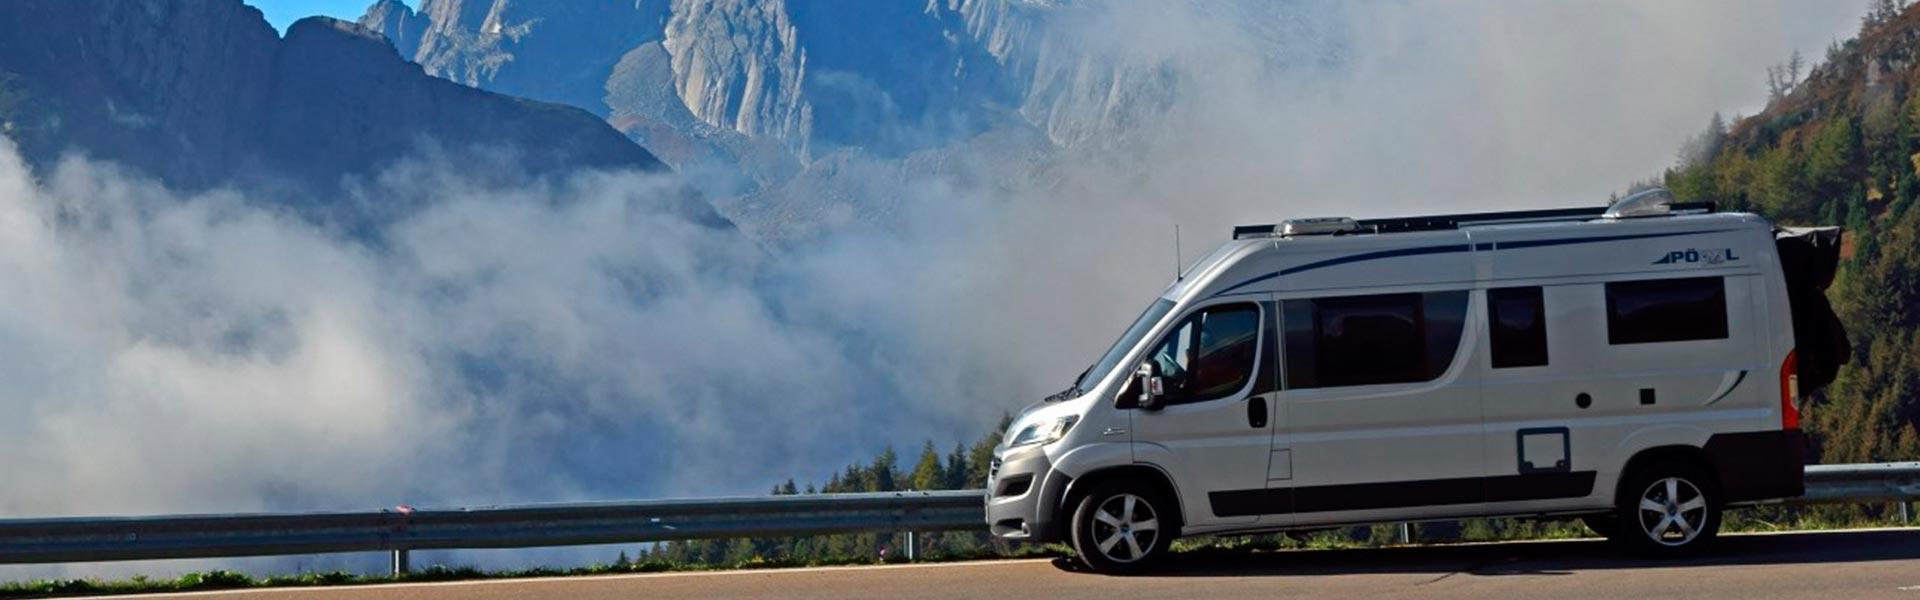 Wohnmobil mieten, kaufen & Zubehör CSL Reisemobile